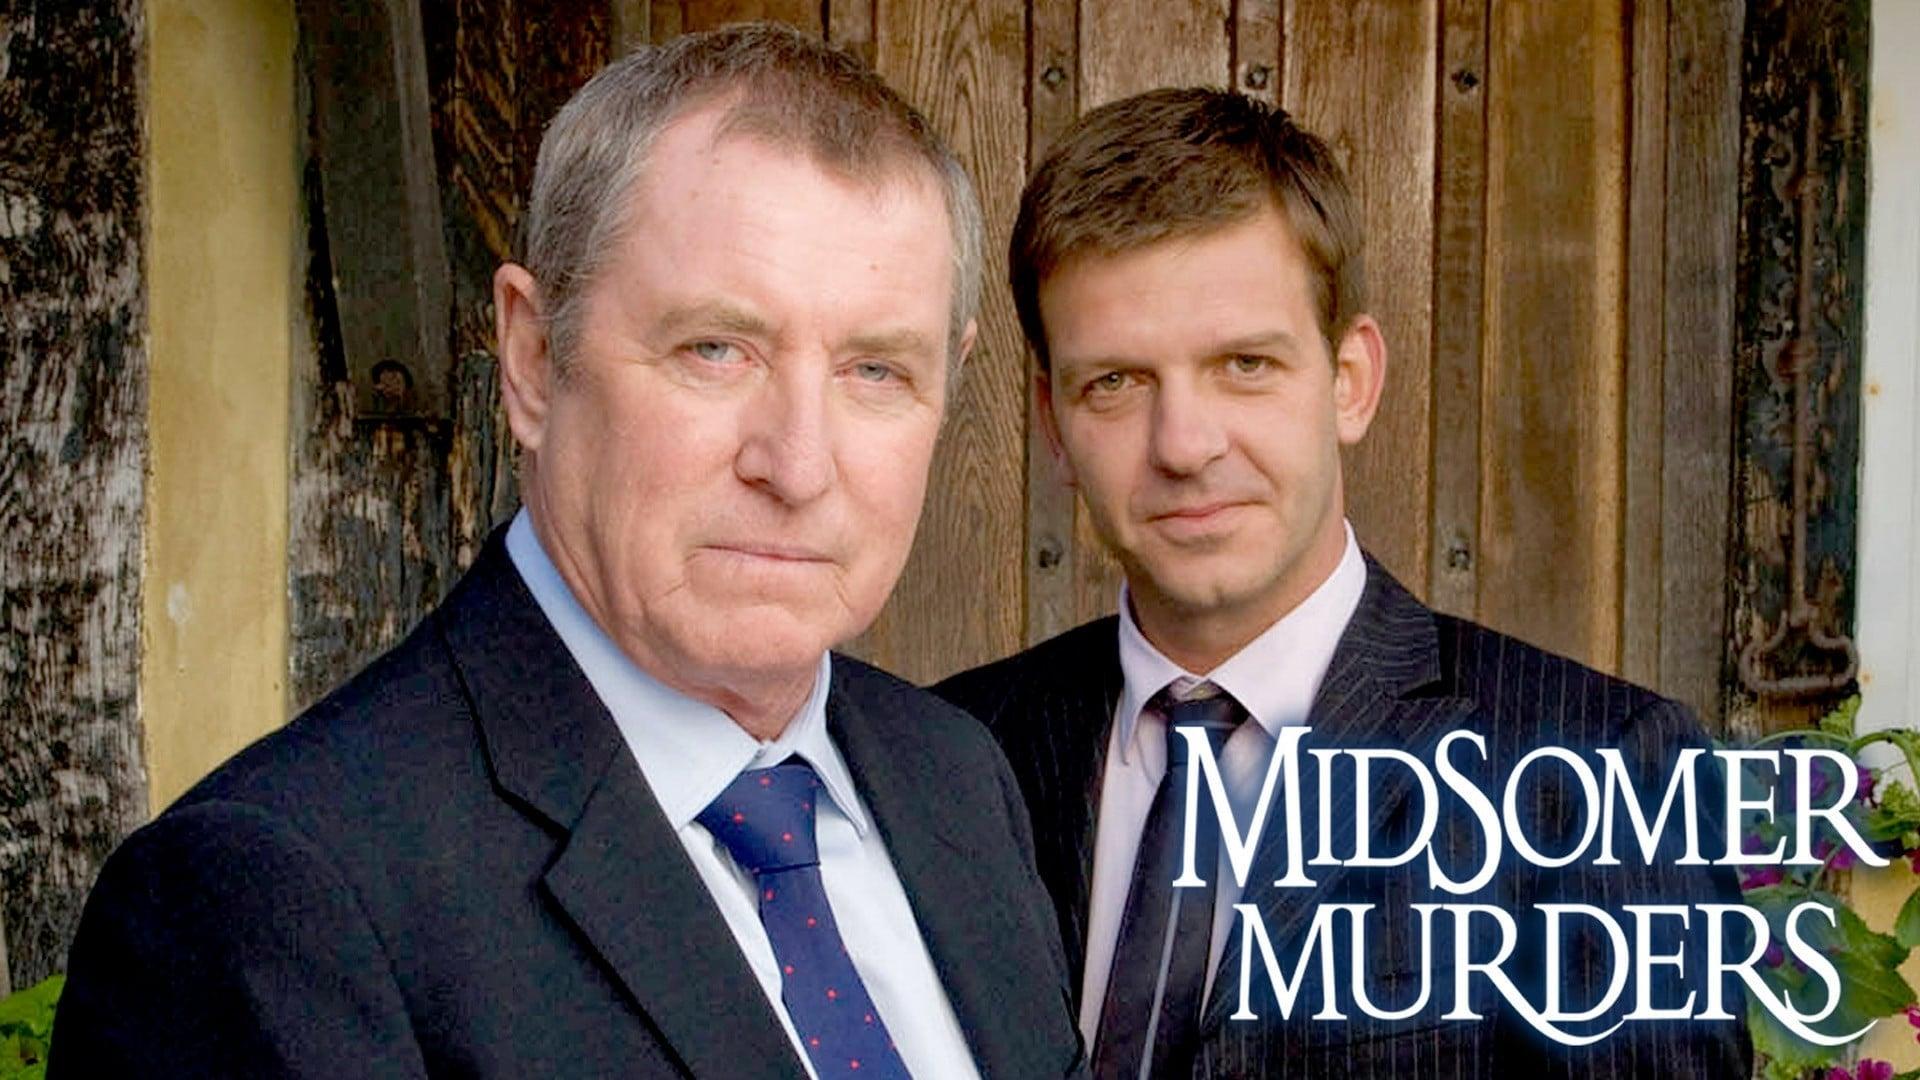 Midsomer Murders - Season 16